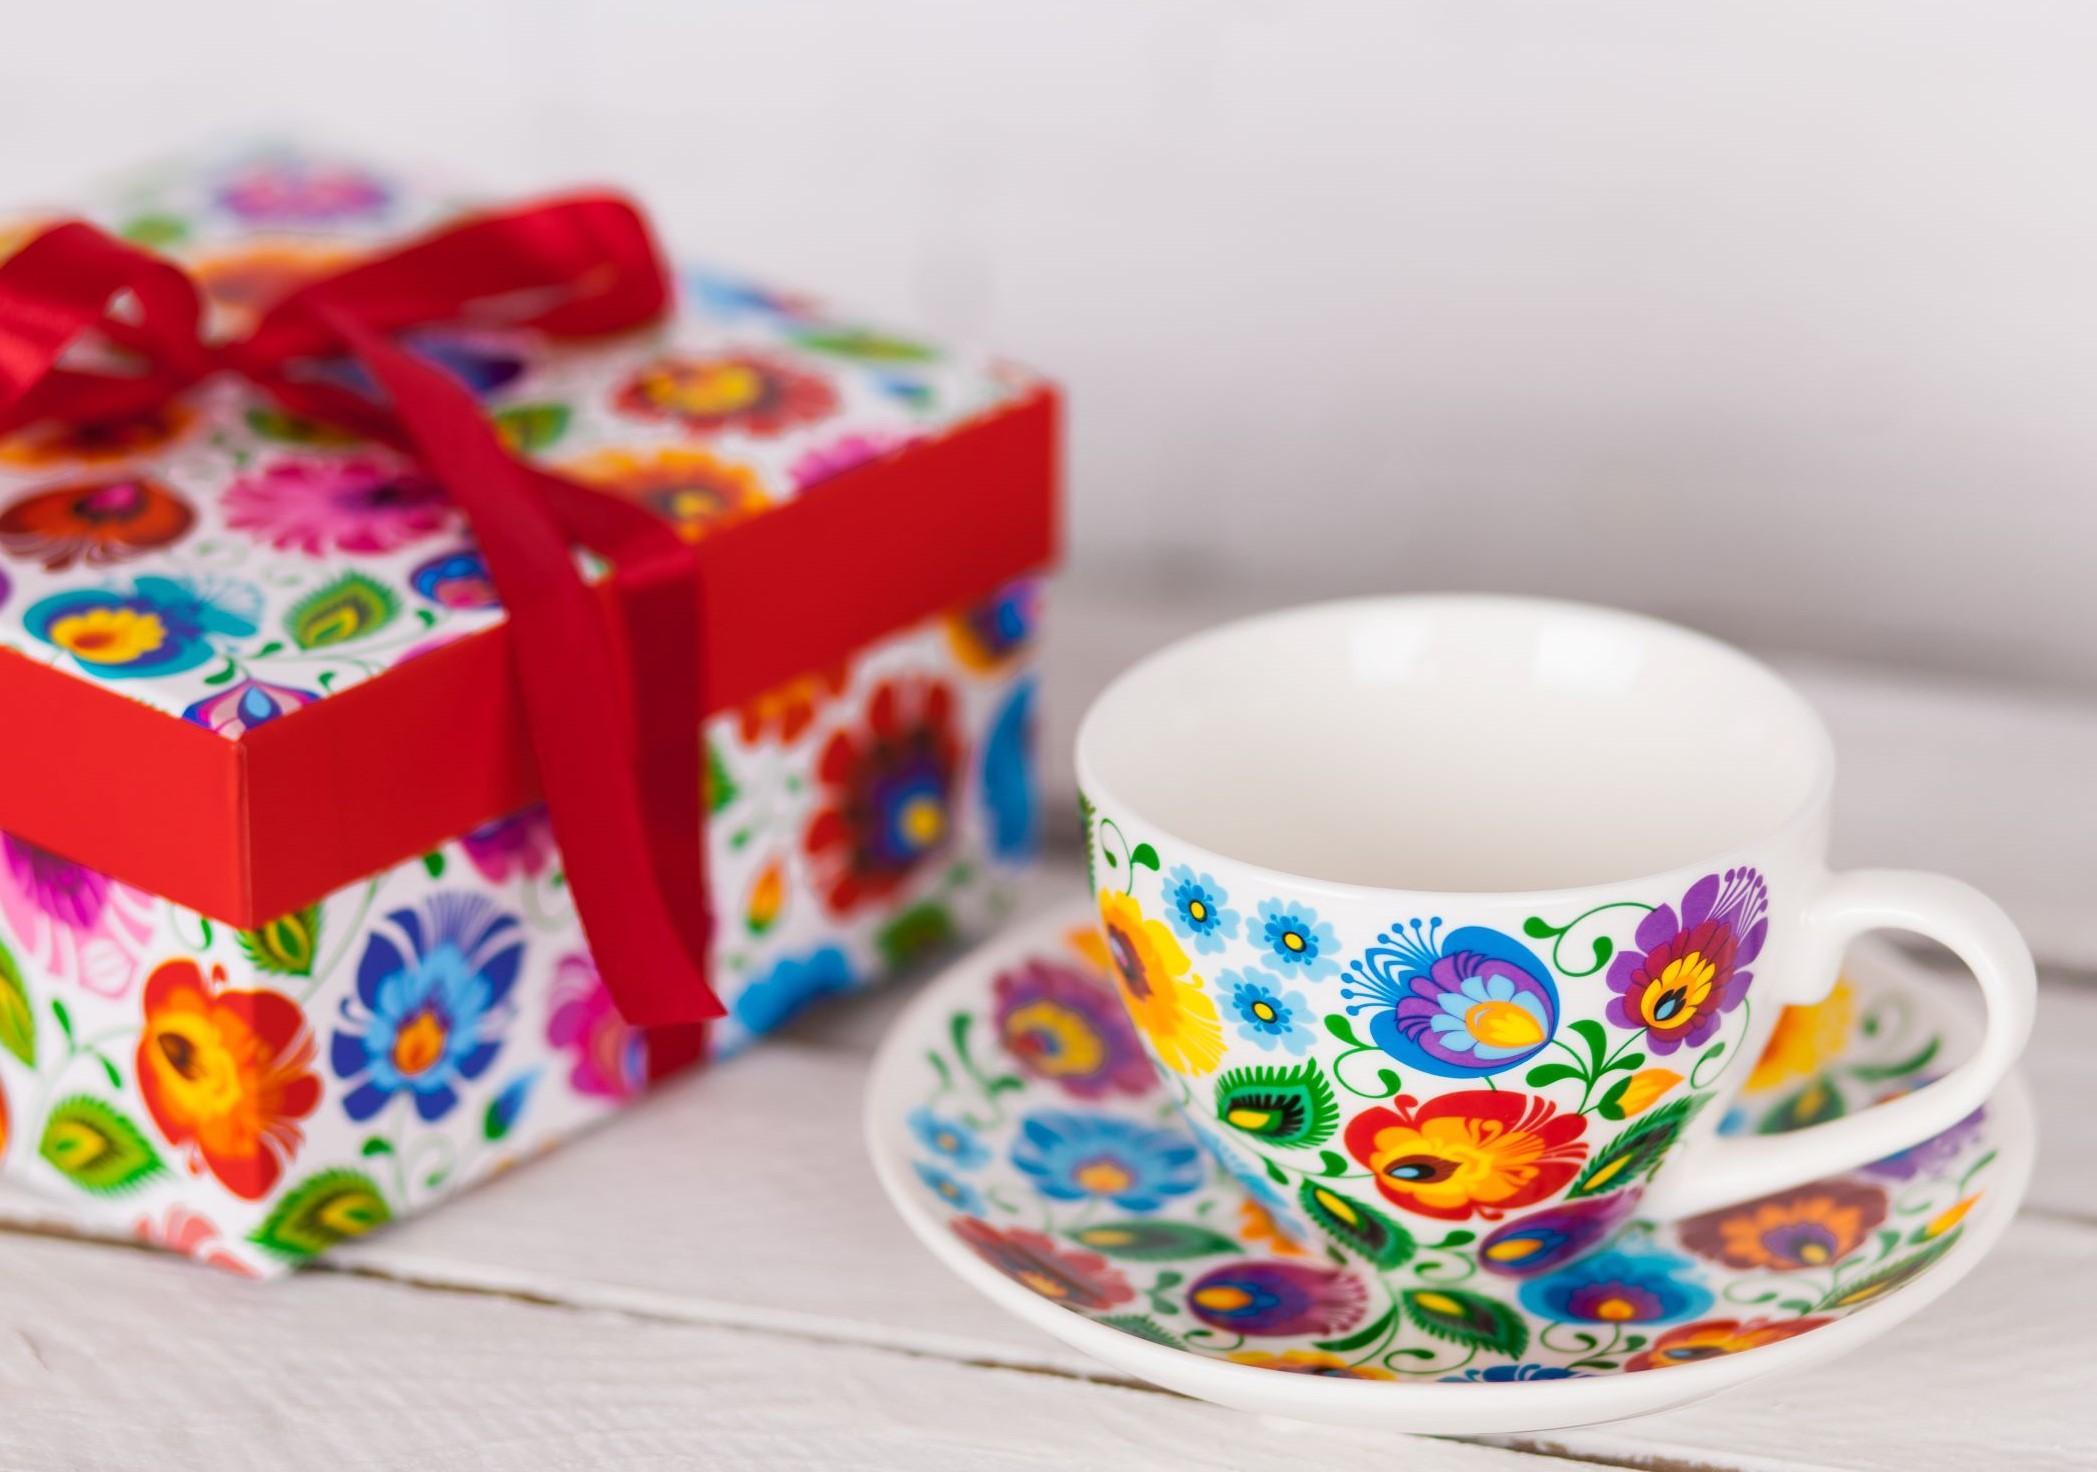 Ozdobna filiżanka w kwiaty z łowickiej wycinanki w pudełku prezentowym - pomysł na prezent na Dzień Kobiet